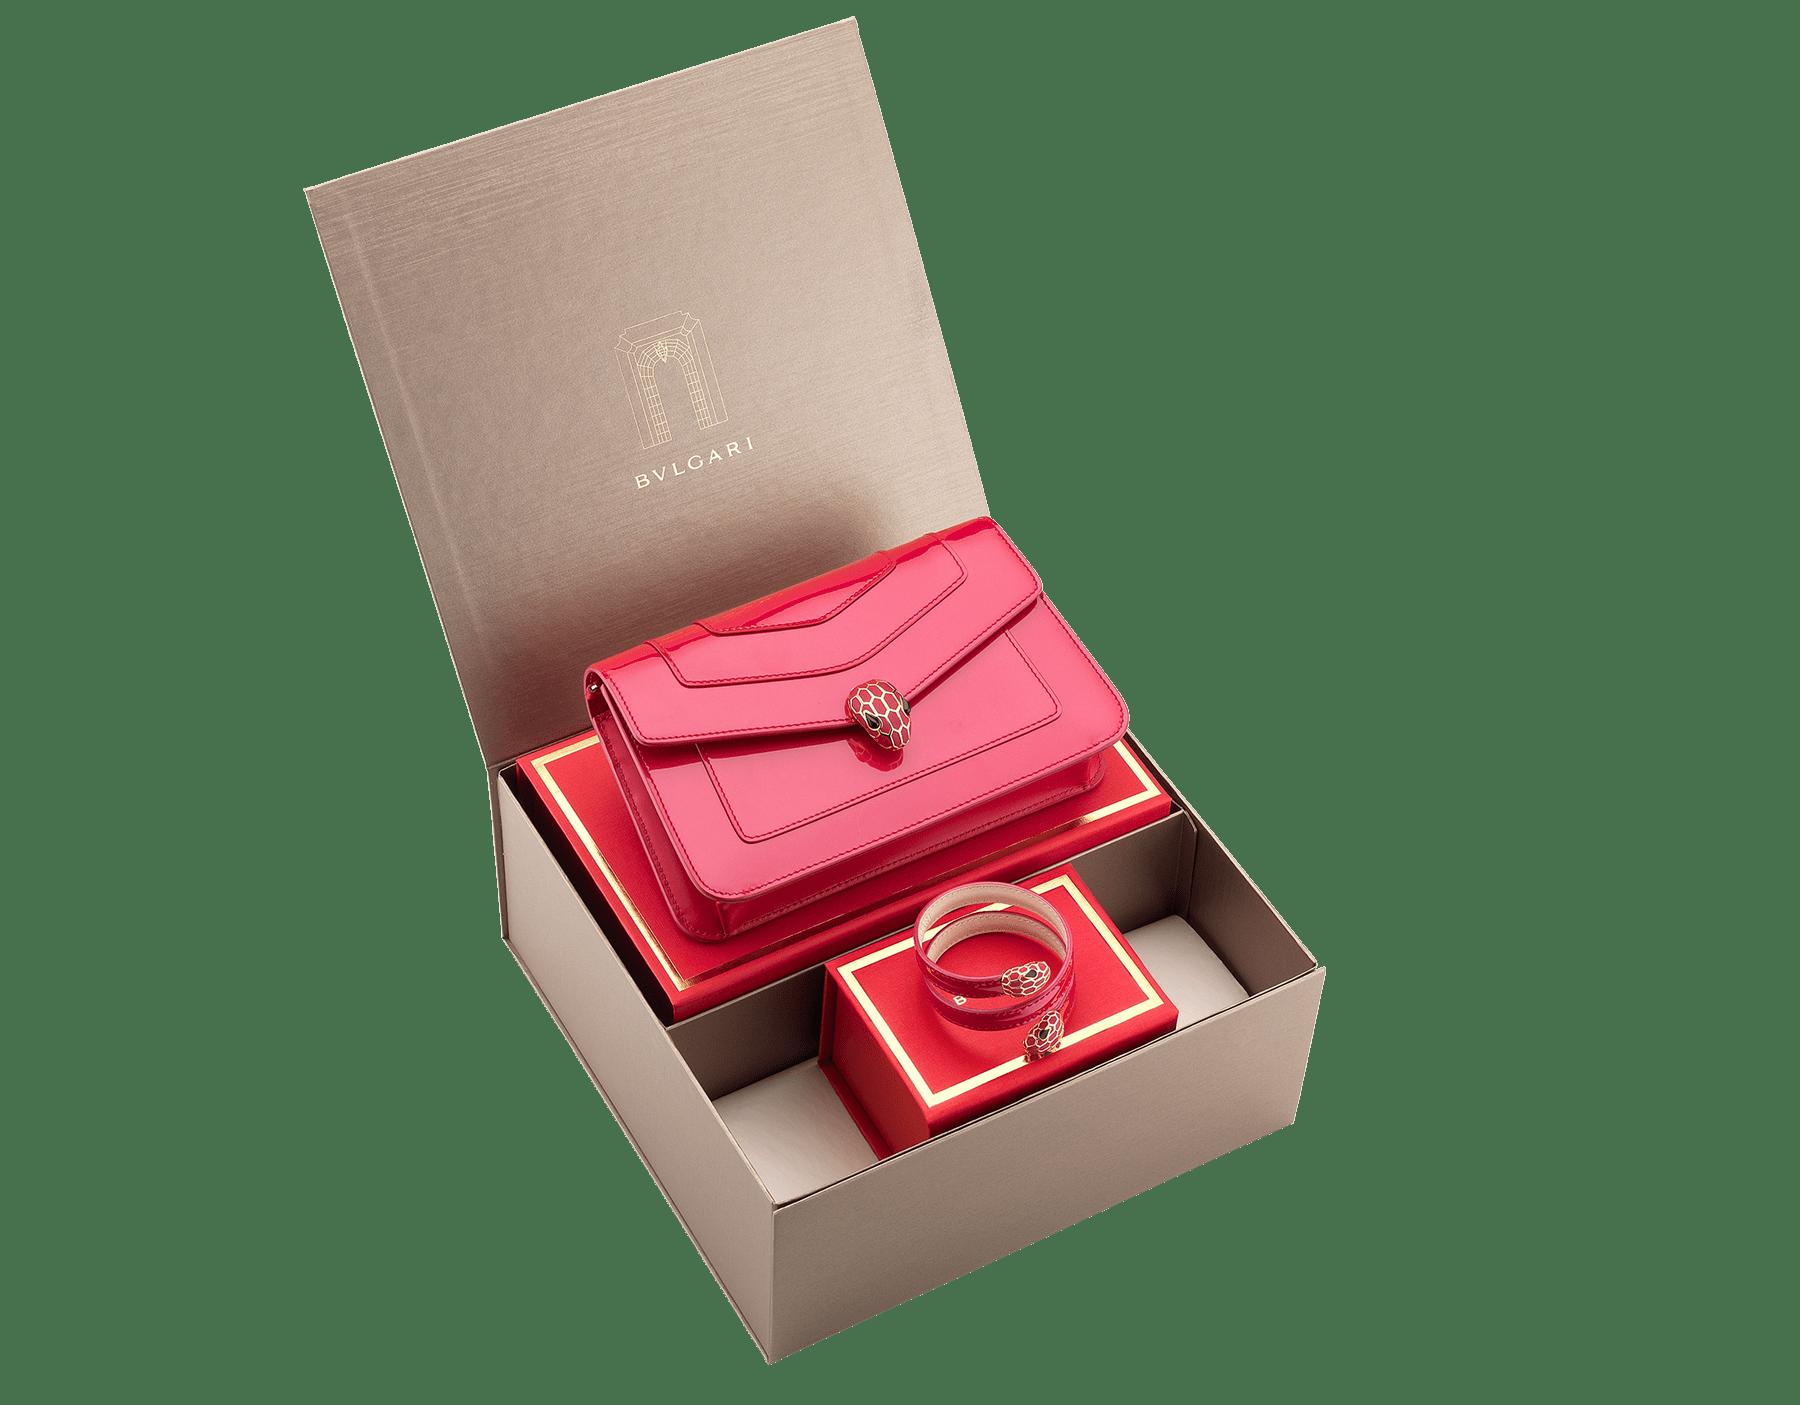 特別なバレンタインデーギフトとしての、ブルガリのエレガントボックス women-gift-set-chain-wallet-and-bracelet image 1